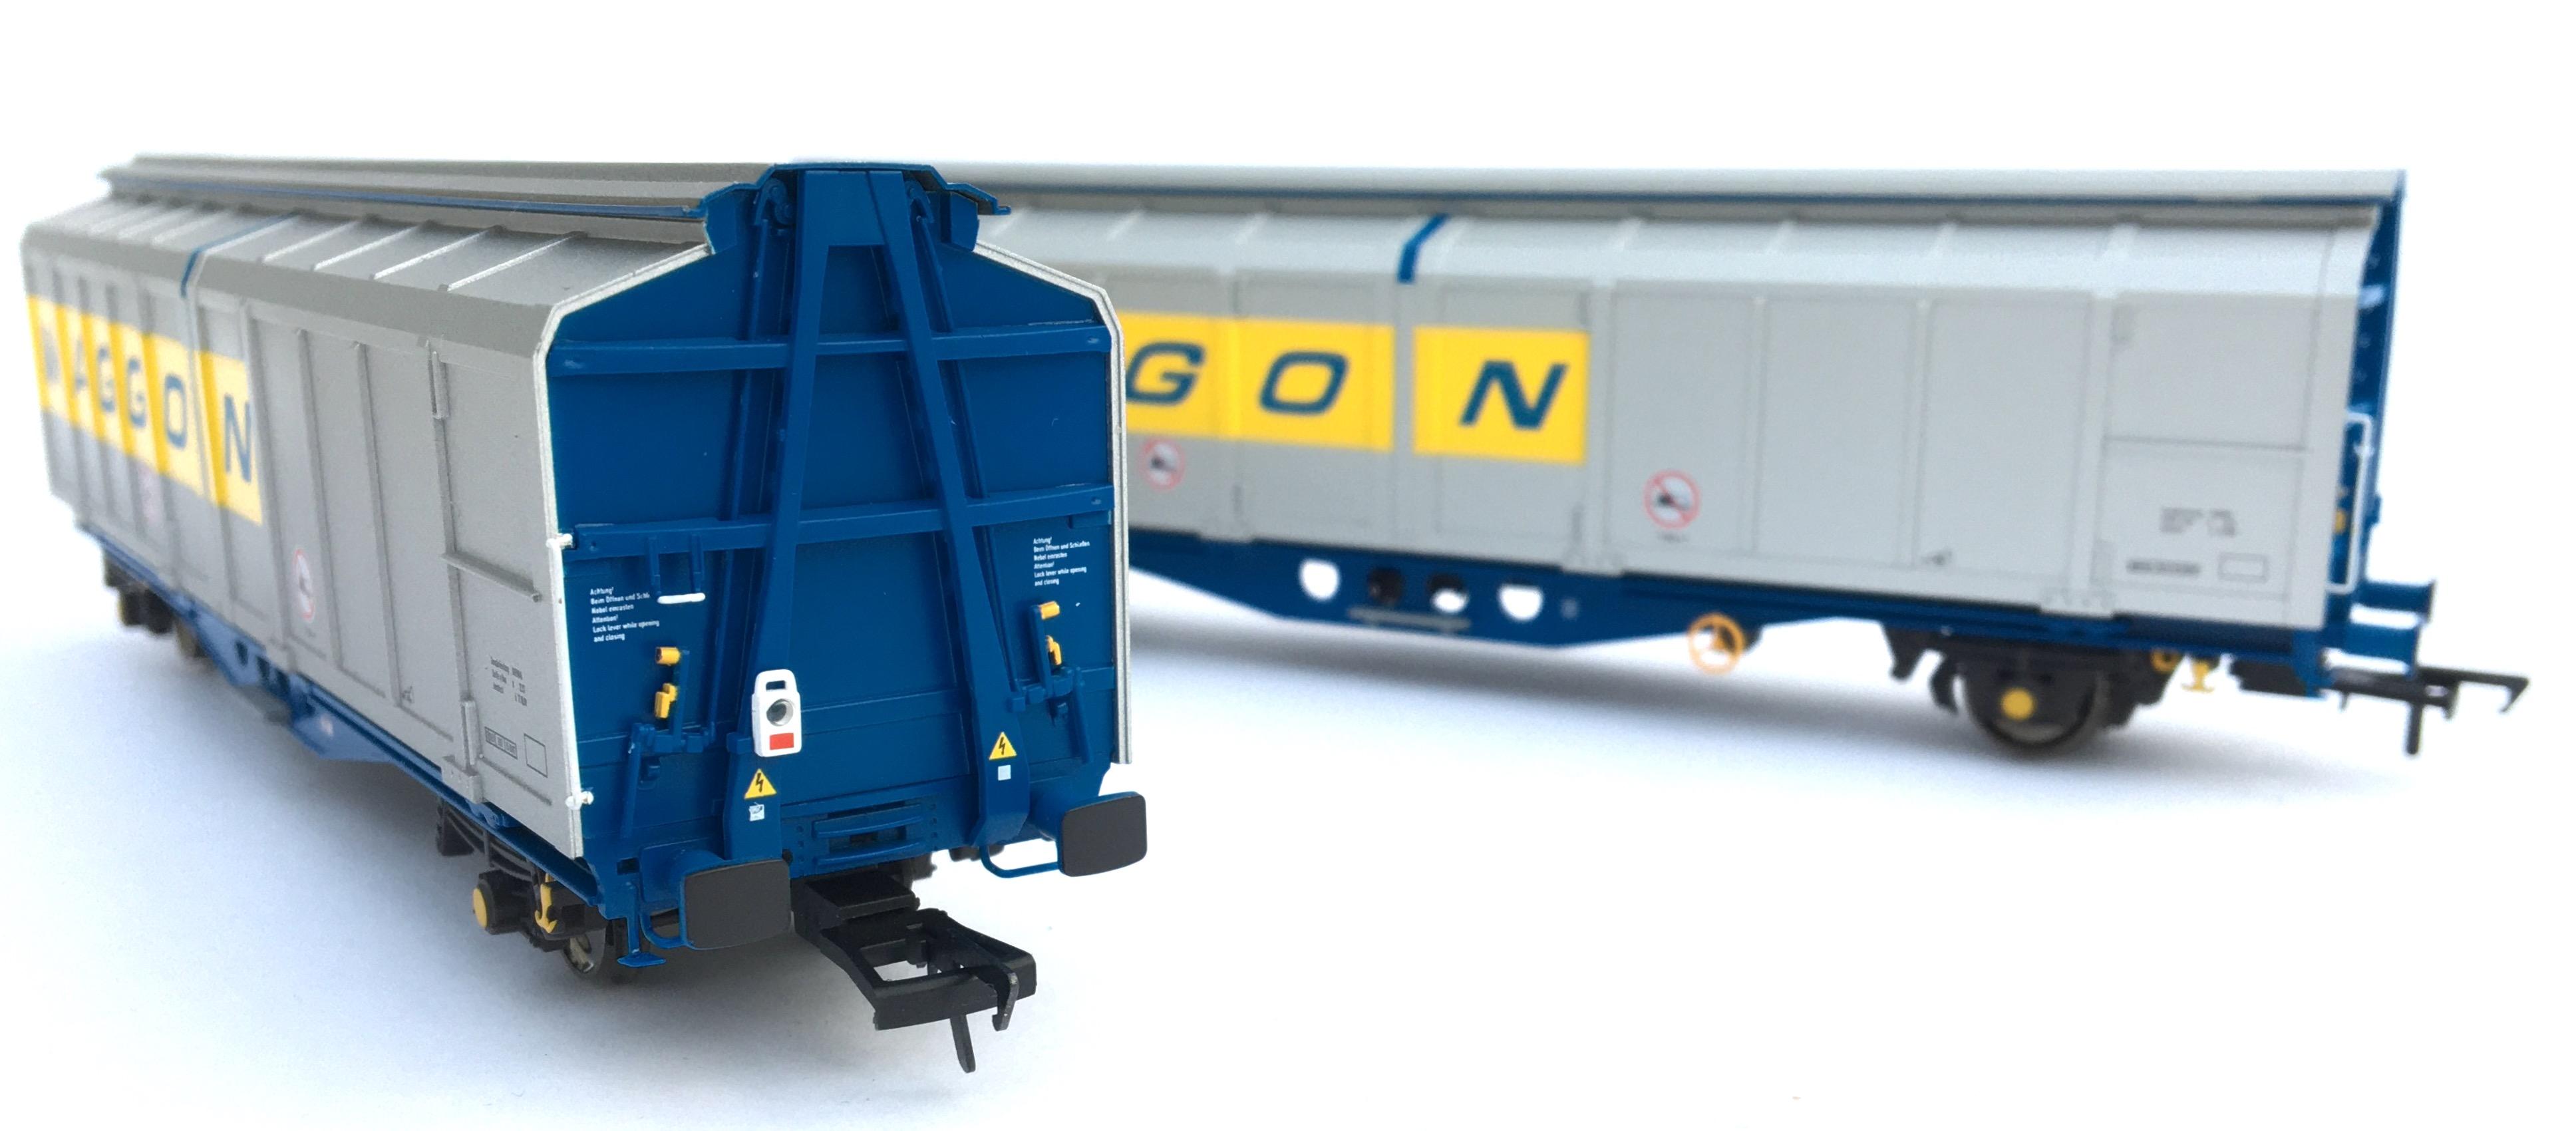 IZA Cargowaggon Painted Sample Image